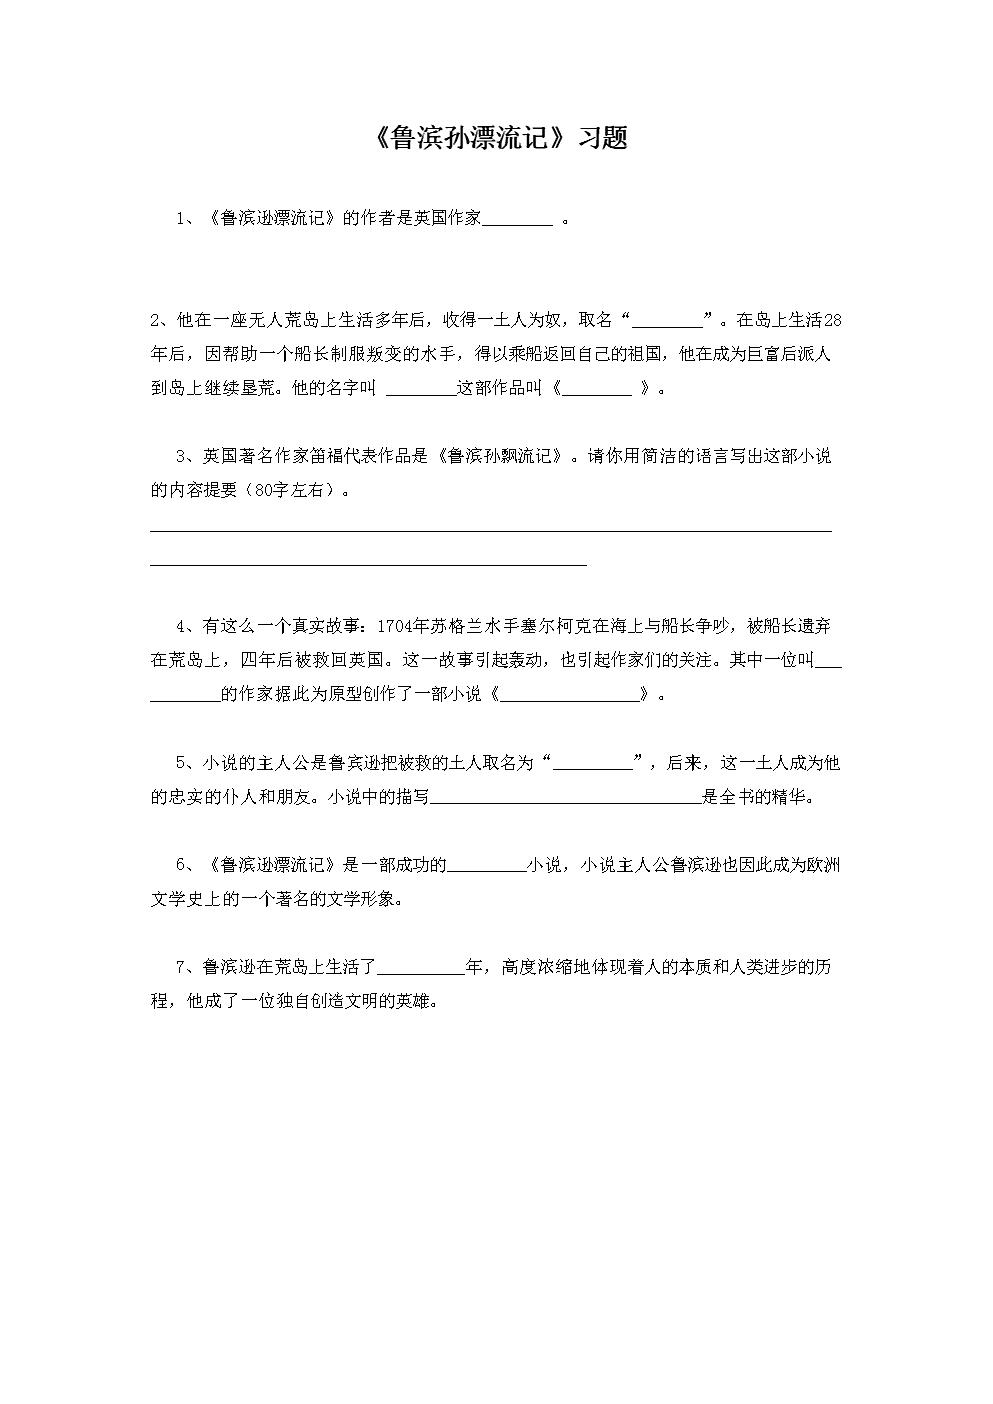 《鲁滨孙漂流记》习题1.doc